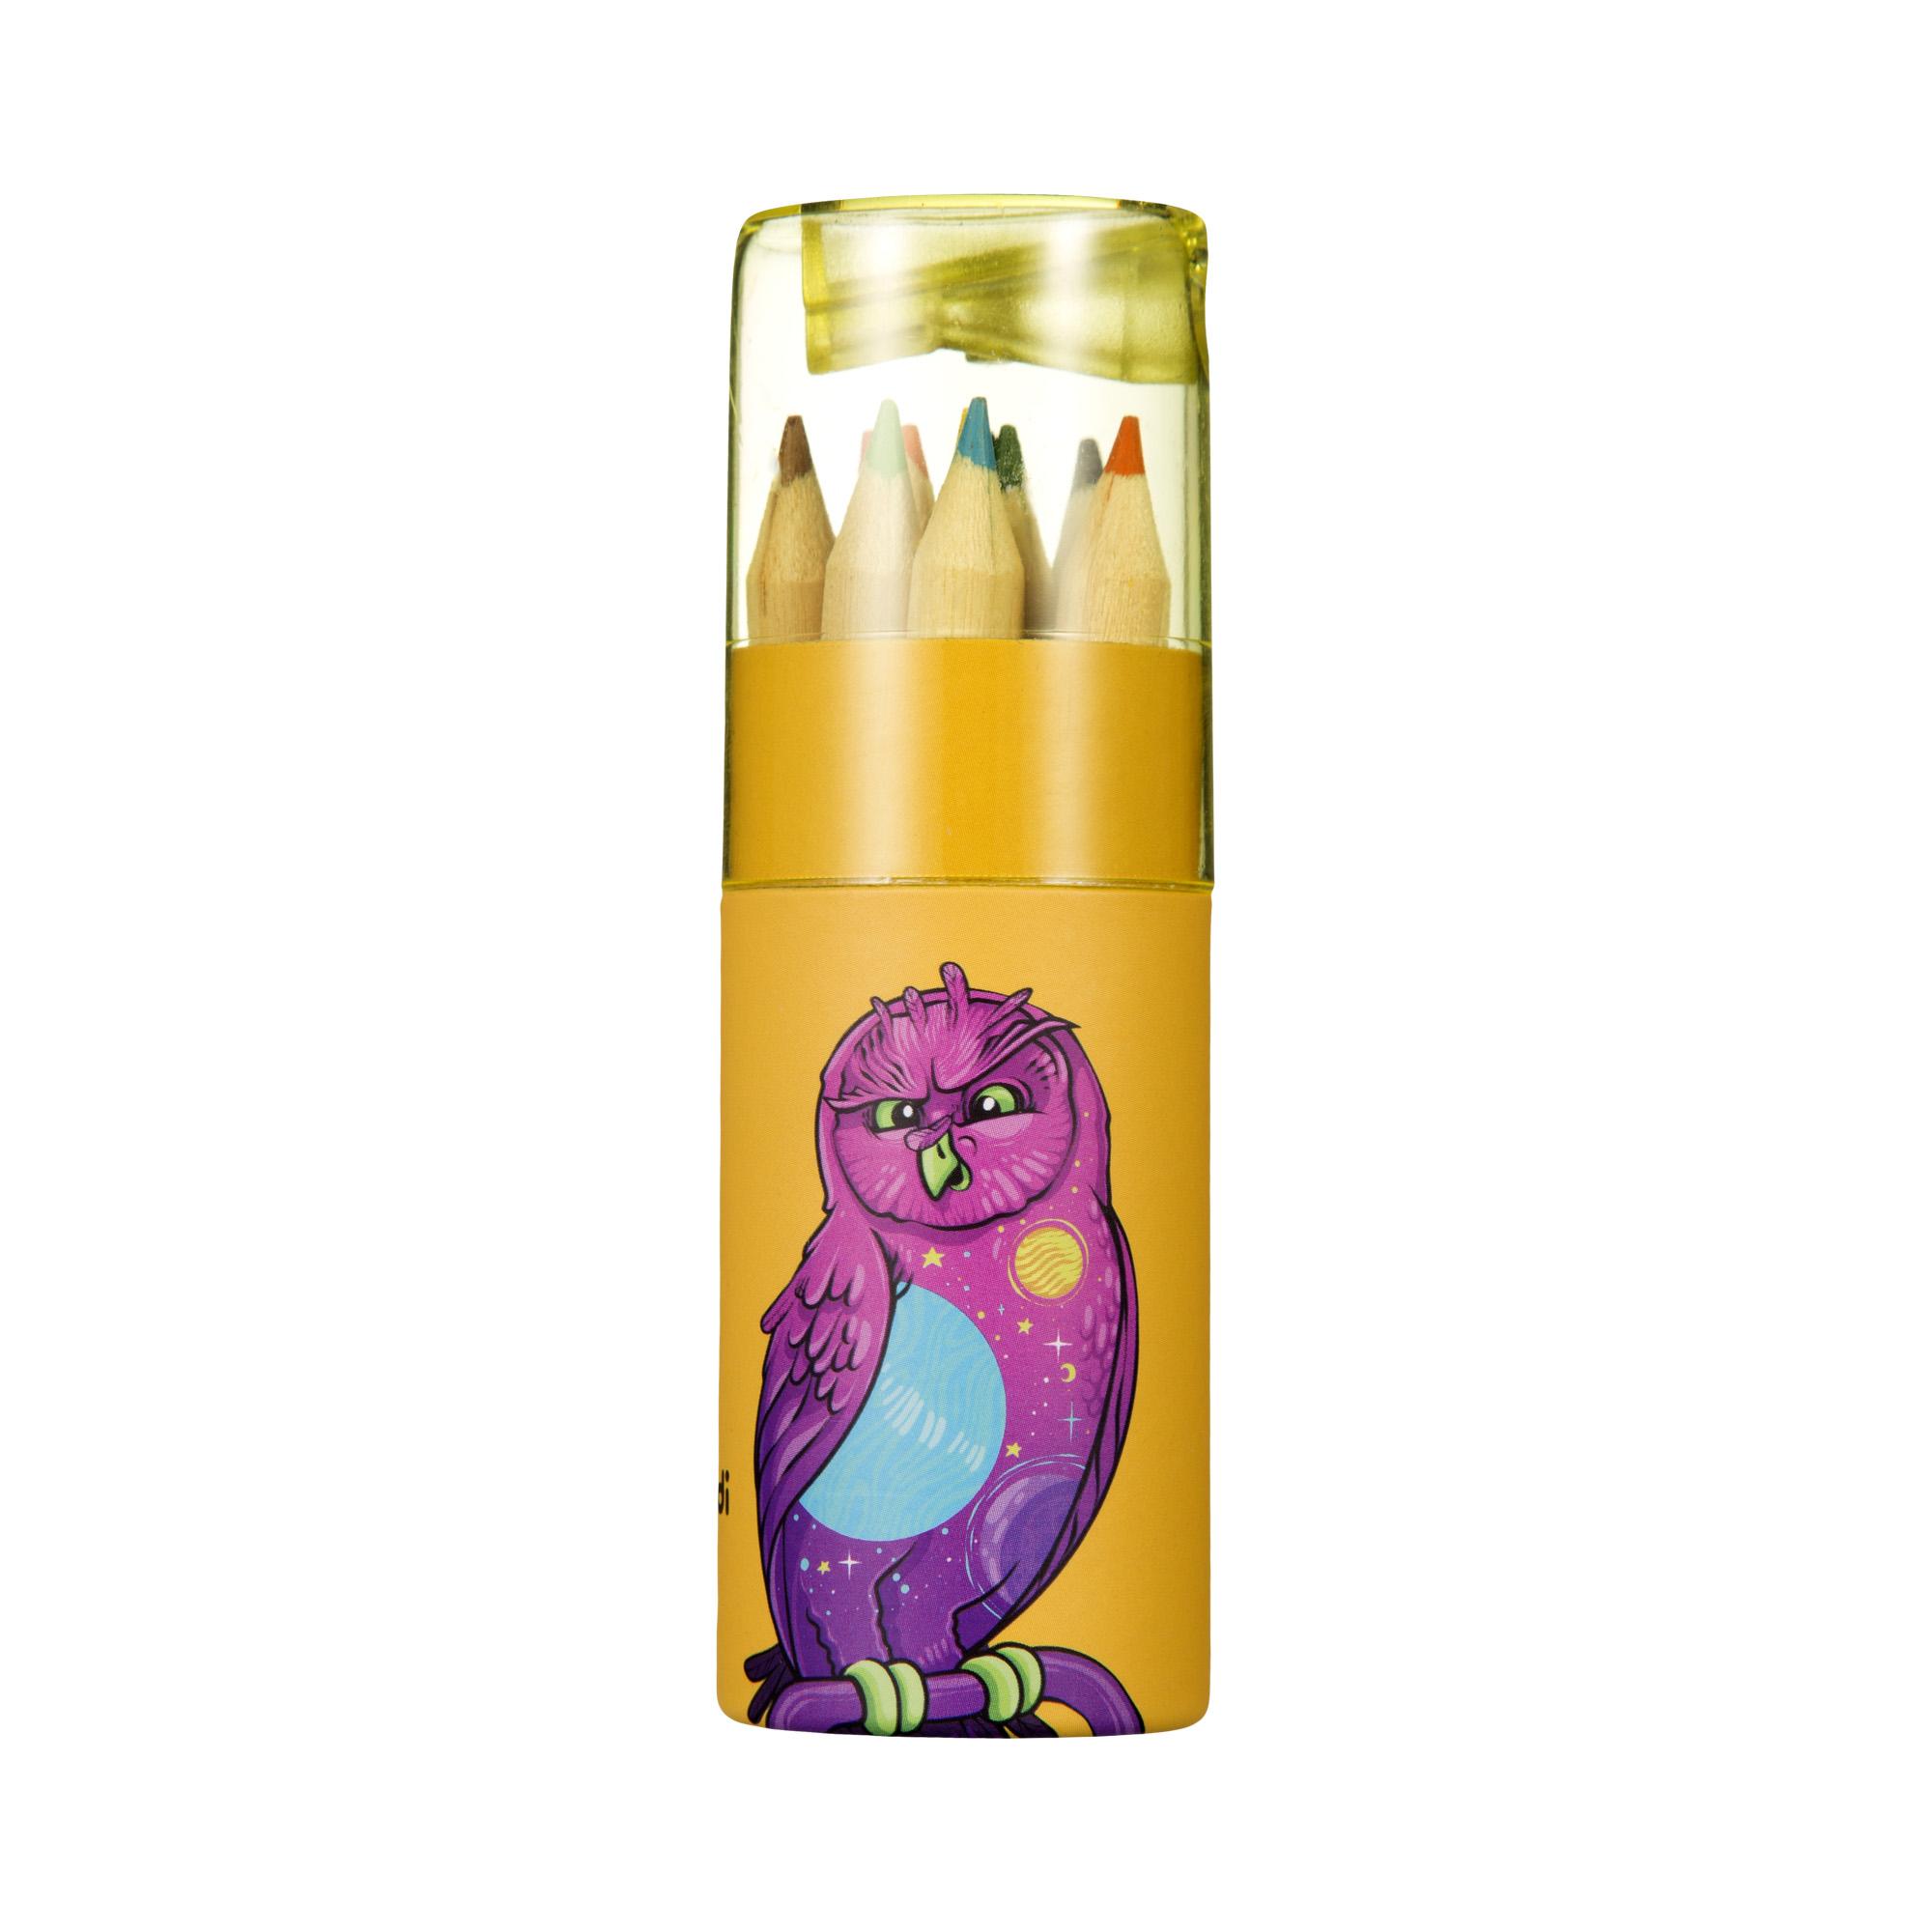 Карандаши мини цветные в тубе, 12 шт ручки и карандаши crayola карандаши цветные crayola 12 шт